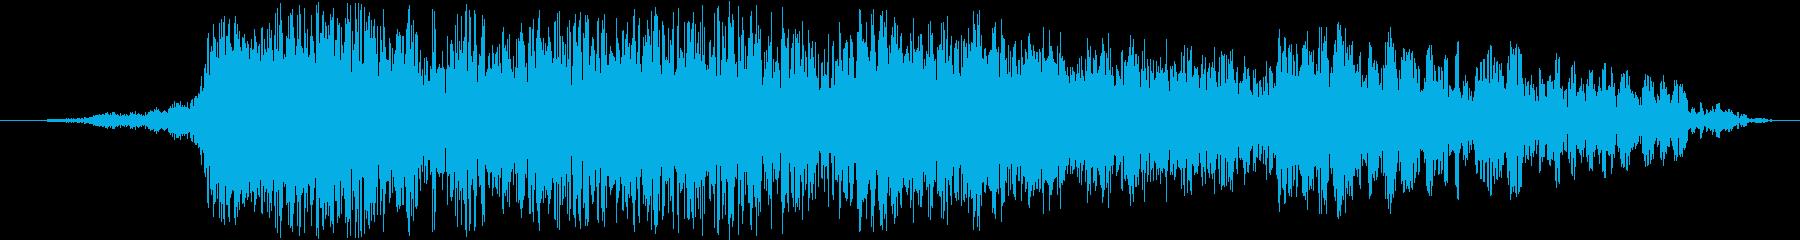 重い破壊流星爆発の再生済みの波形